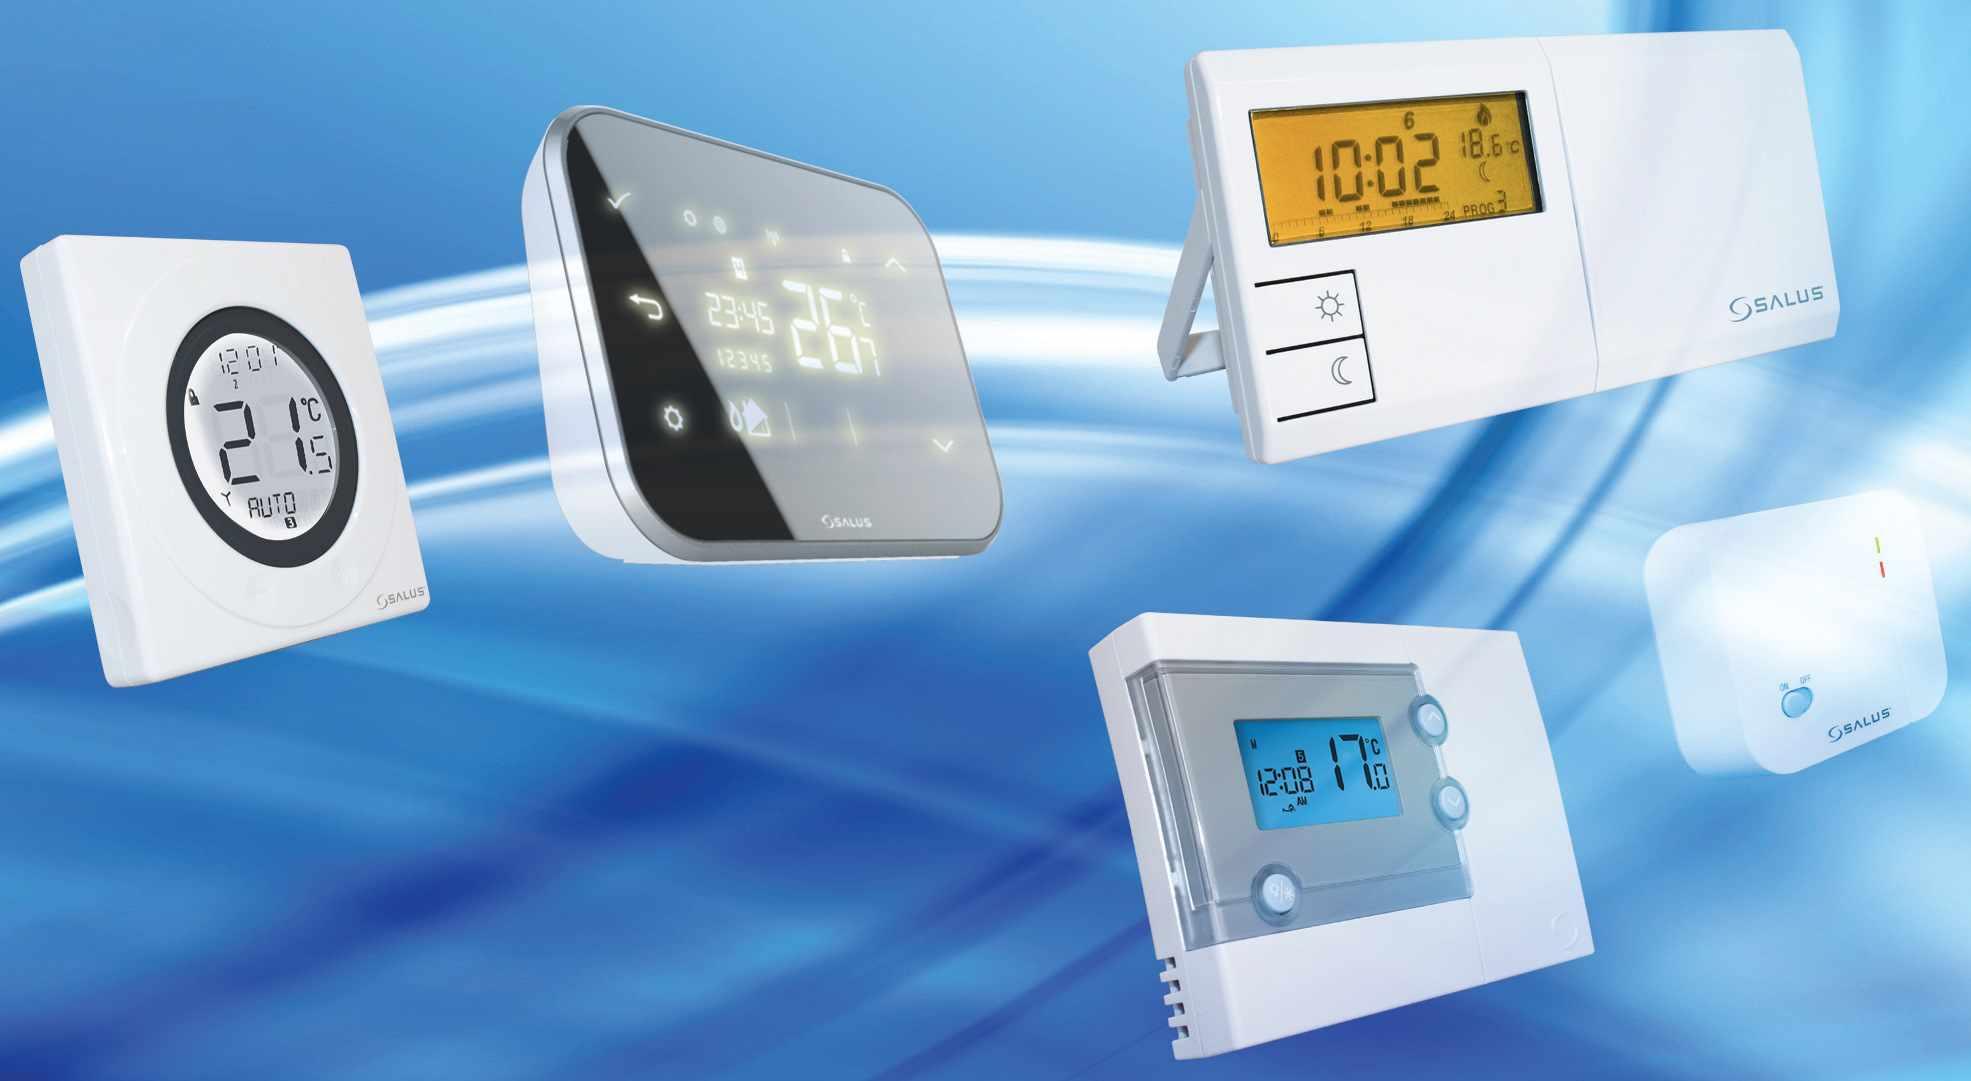 Програматори, терморегулятори, термостати